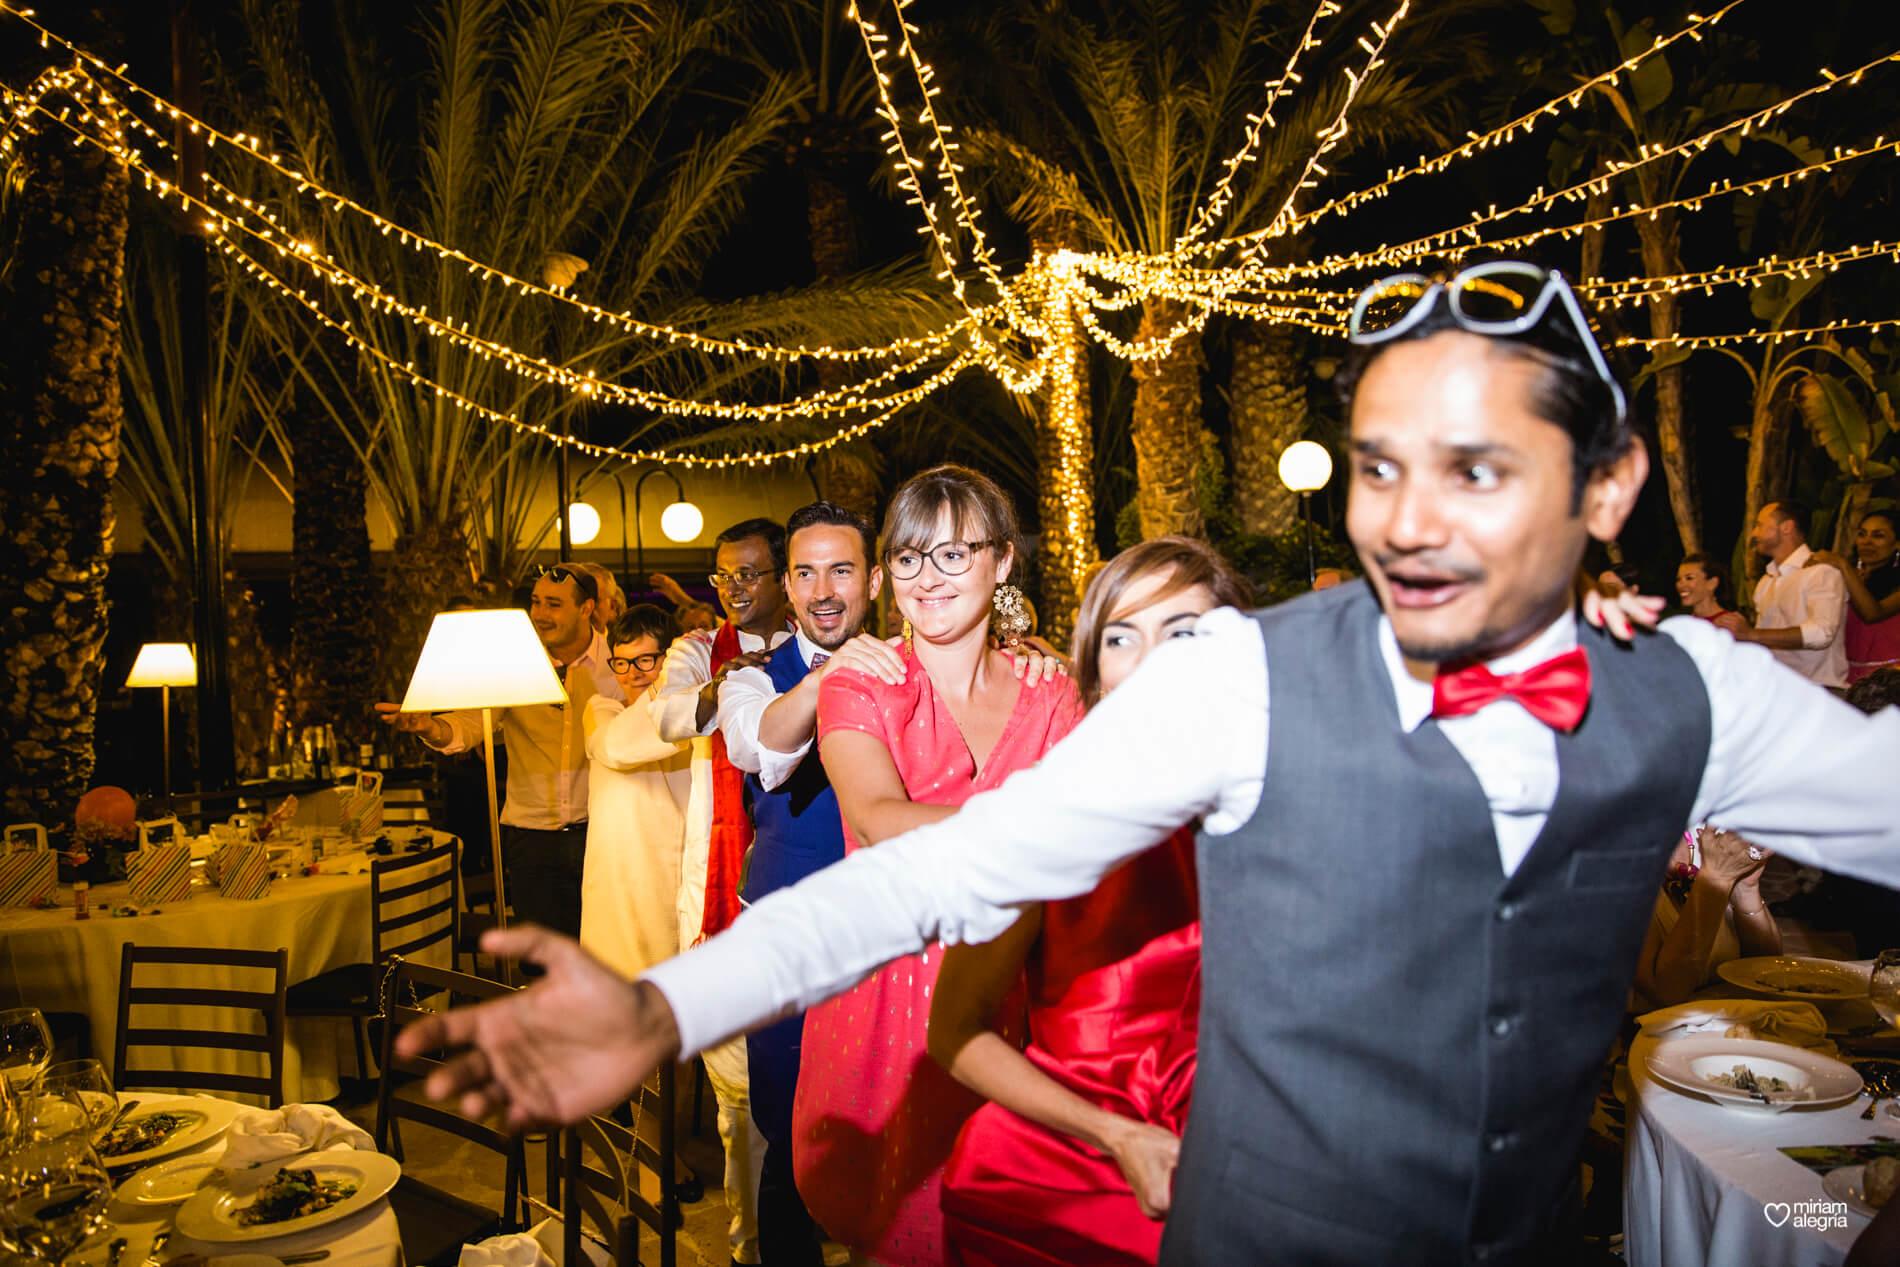 wedding-huerto-del-cura-elche-miriam-alegria-fotografos-boda-93